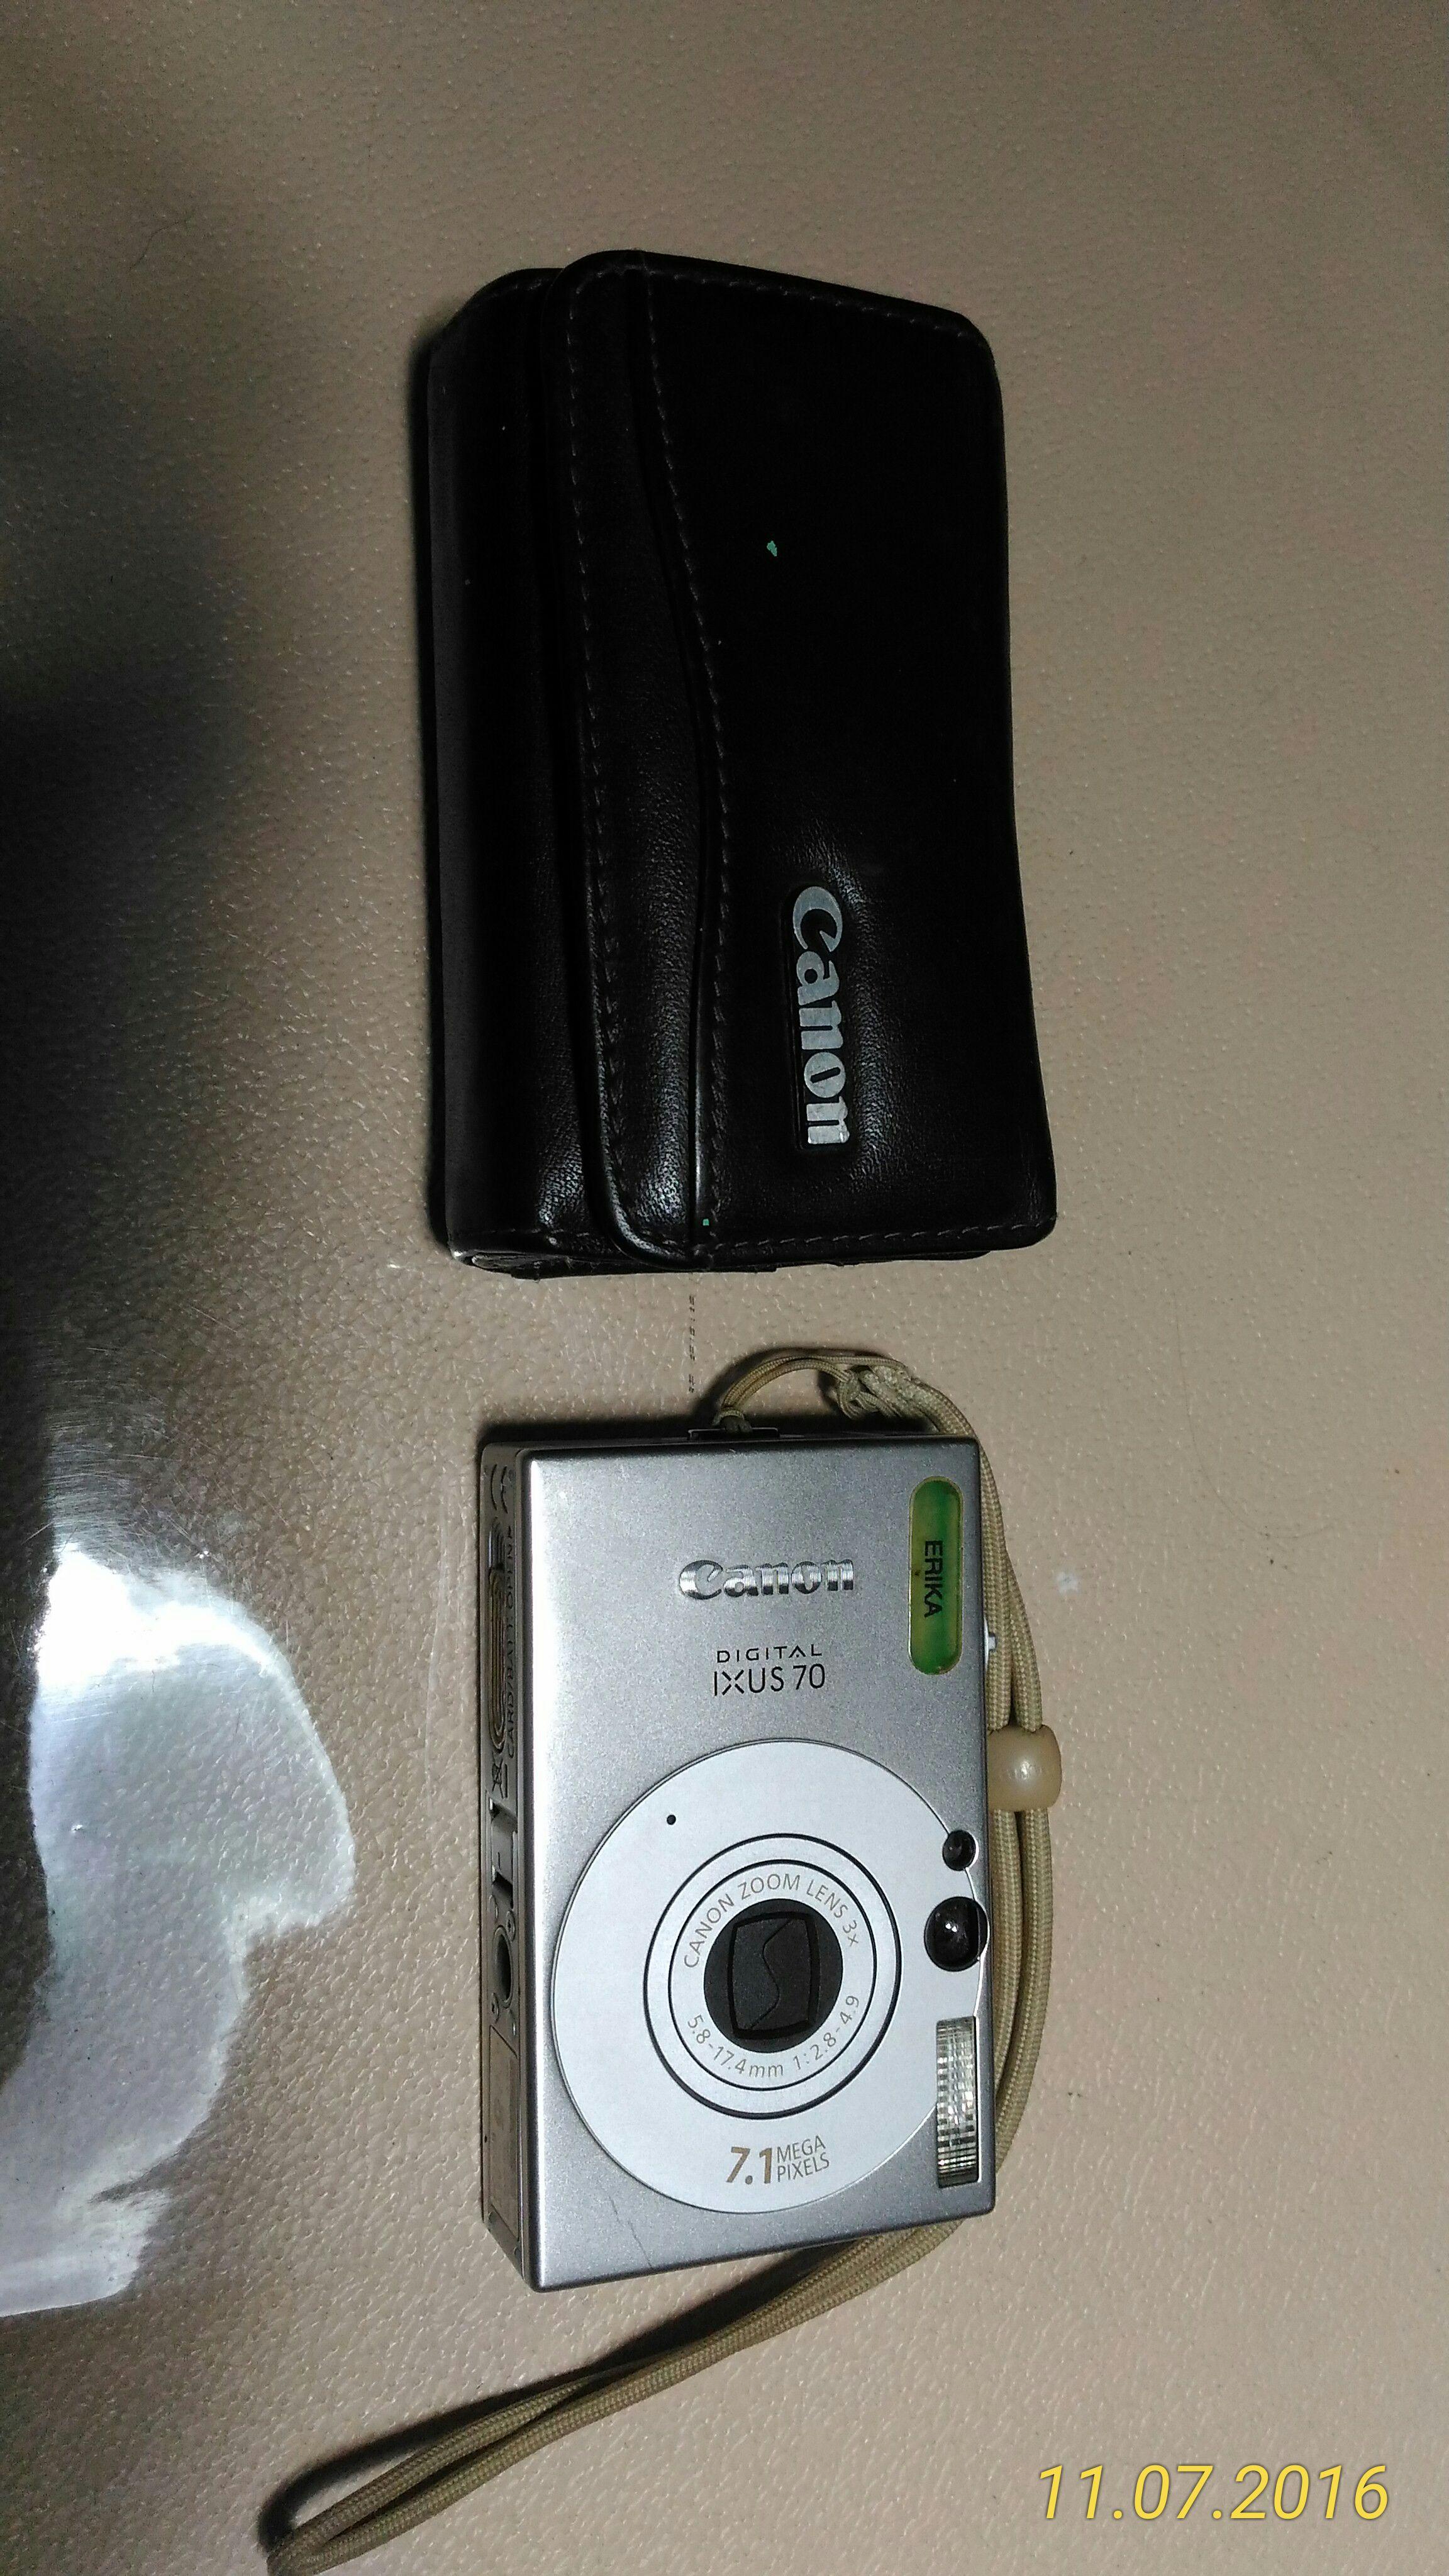 Canon Digital Ixus 170 7.1 Megapixels